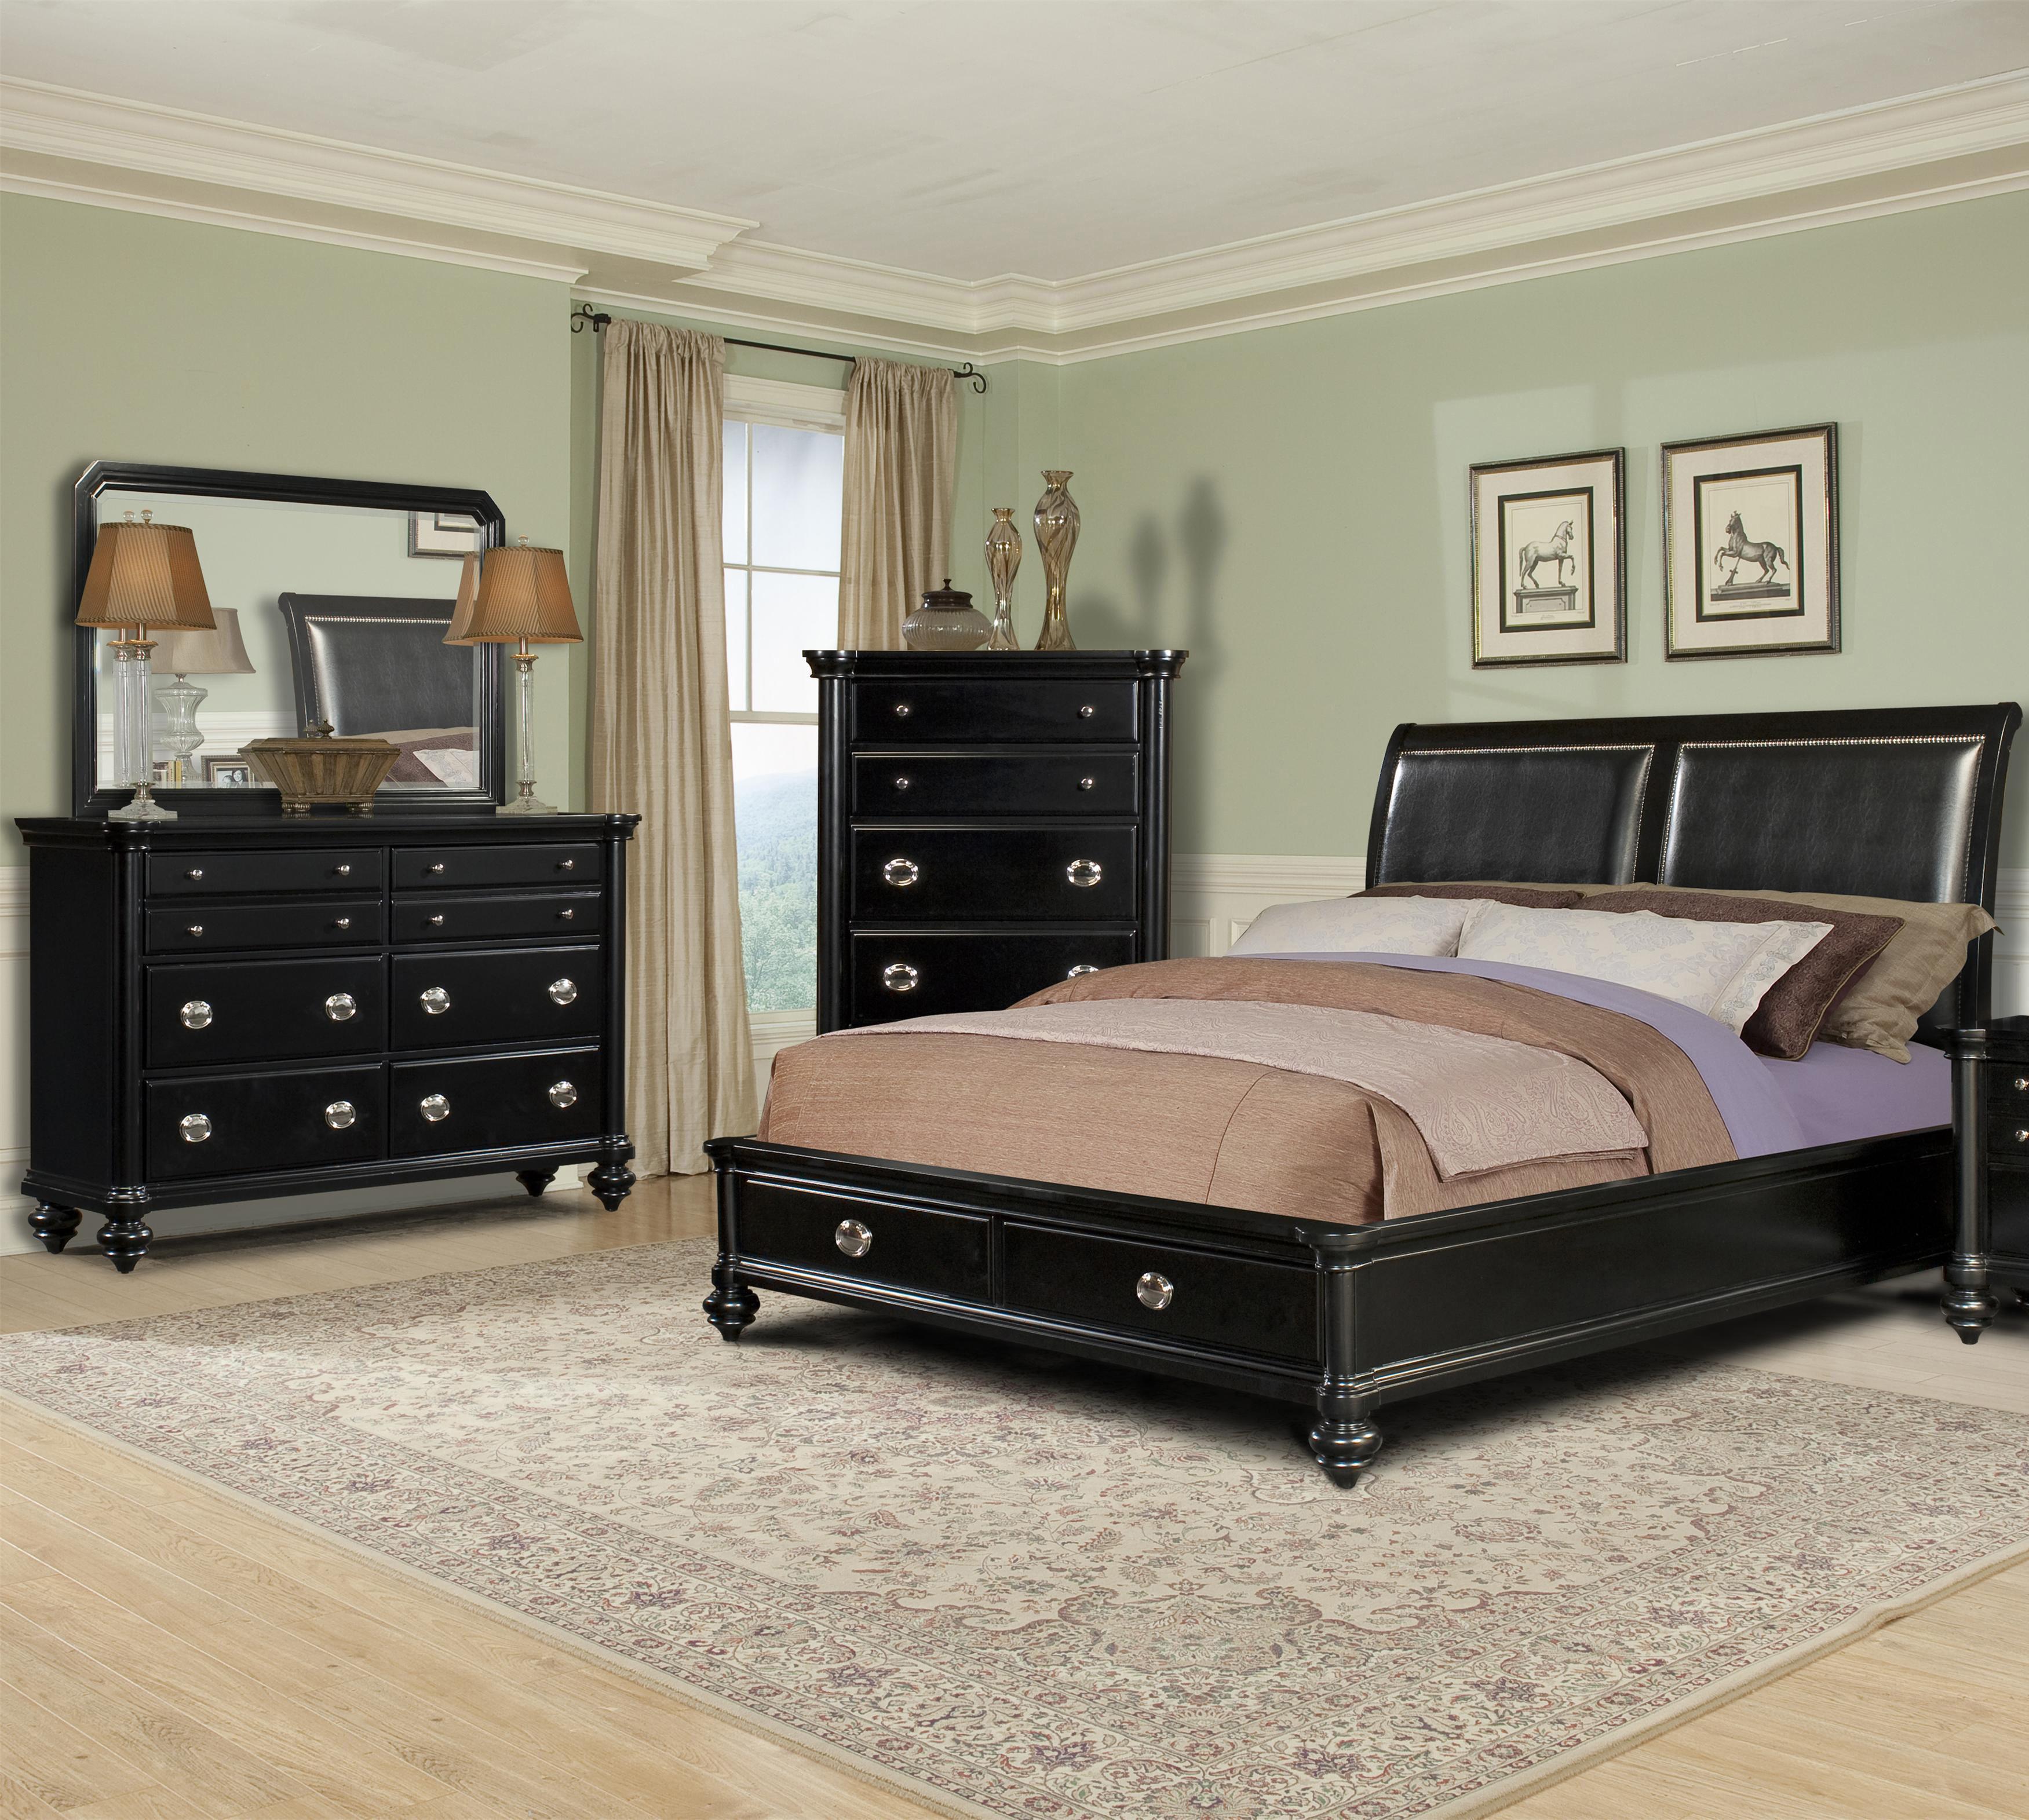 Klaussner International Danbury 5 Piece Queen Upholstered Bedroom Group Wayside Furniture